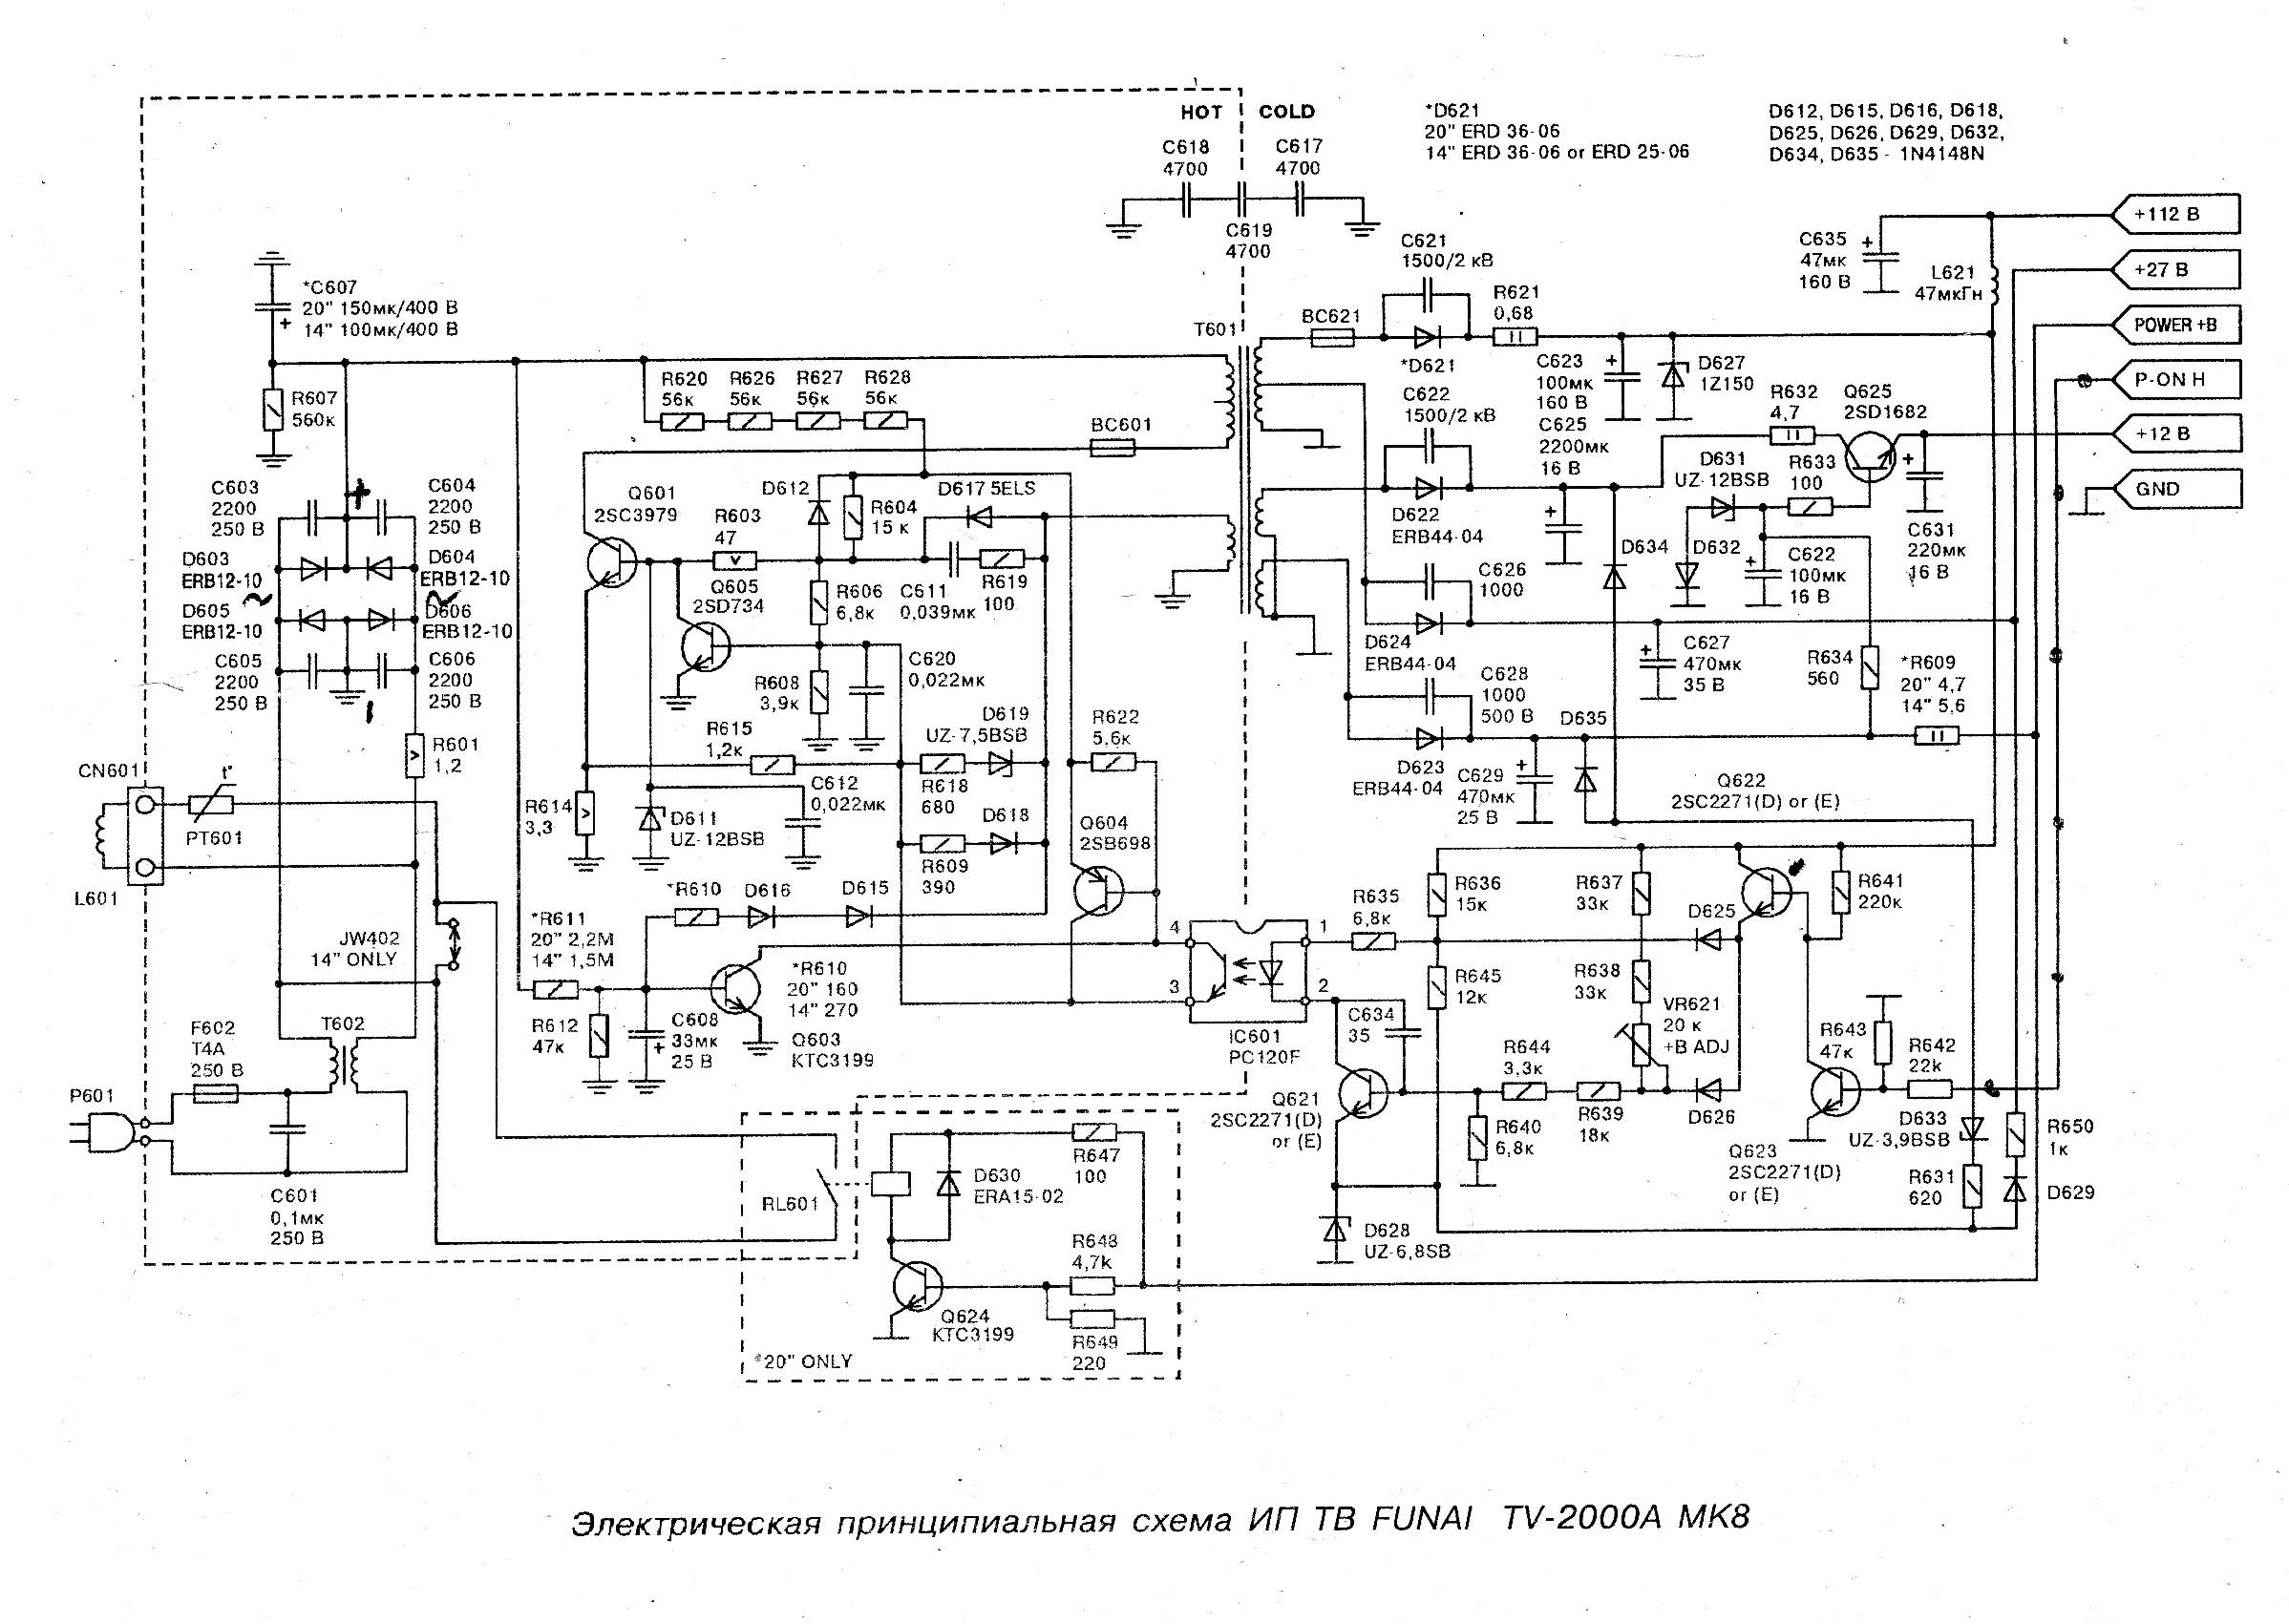 Схема funai 2000a-mk8